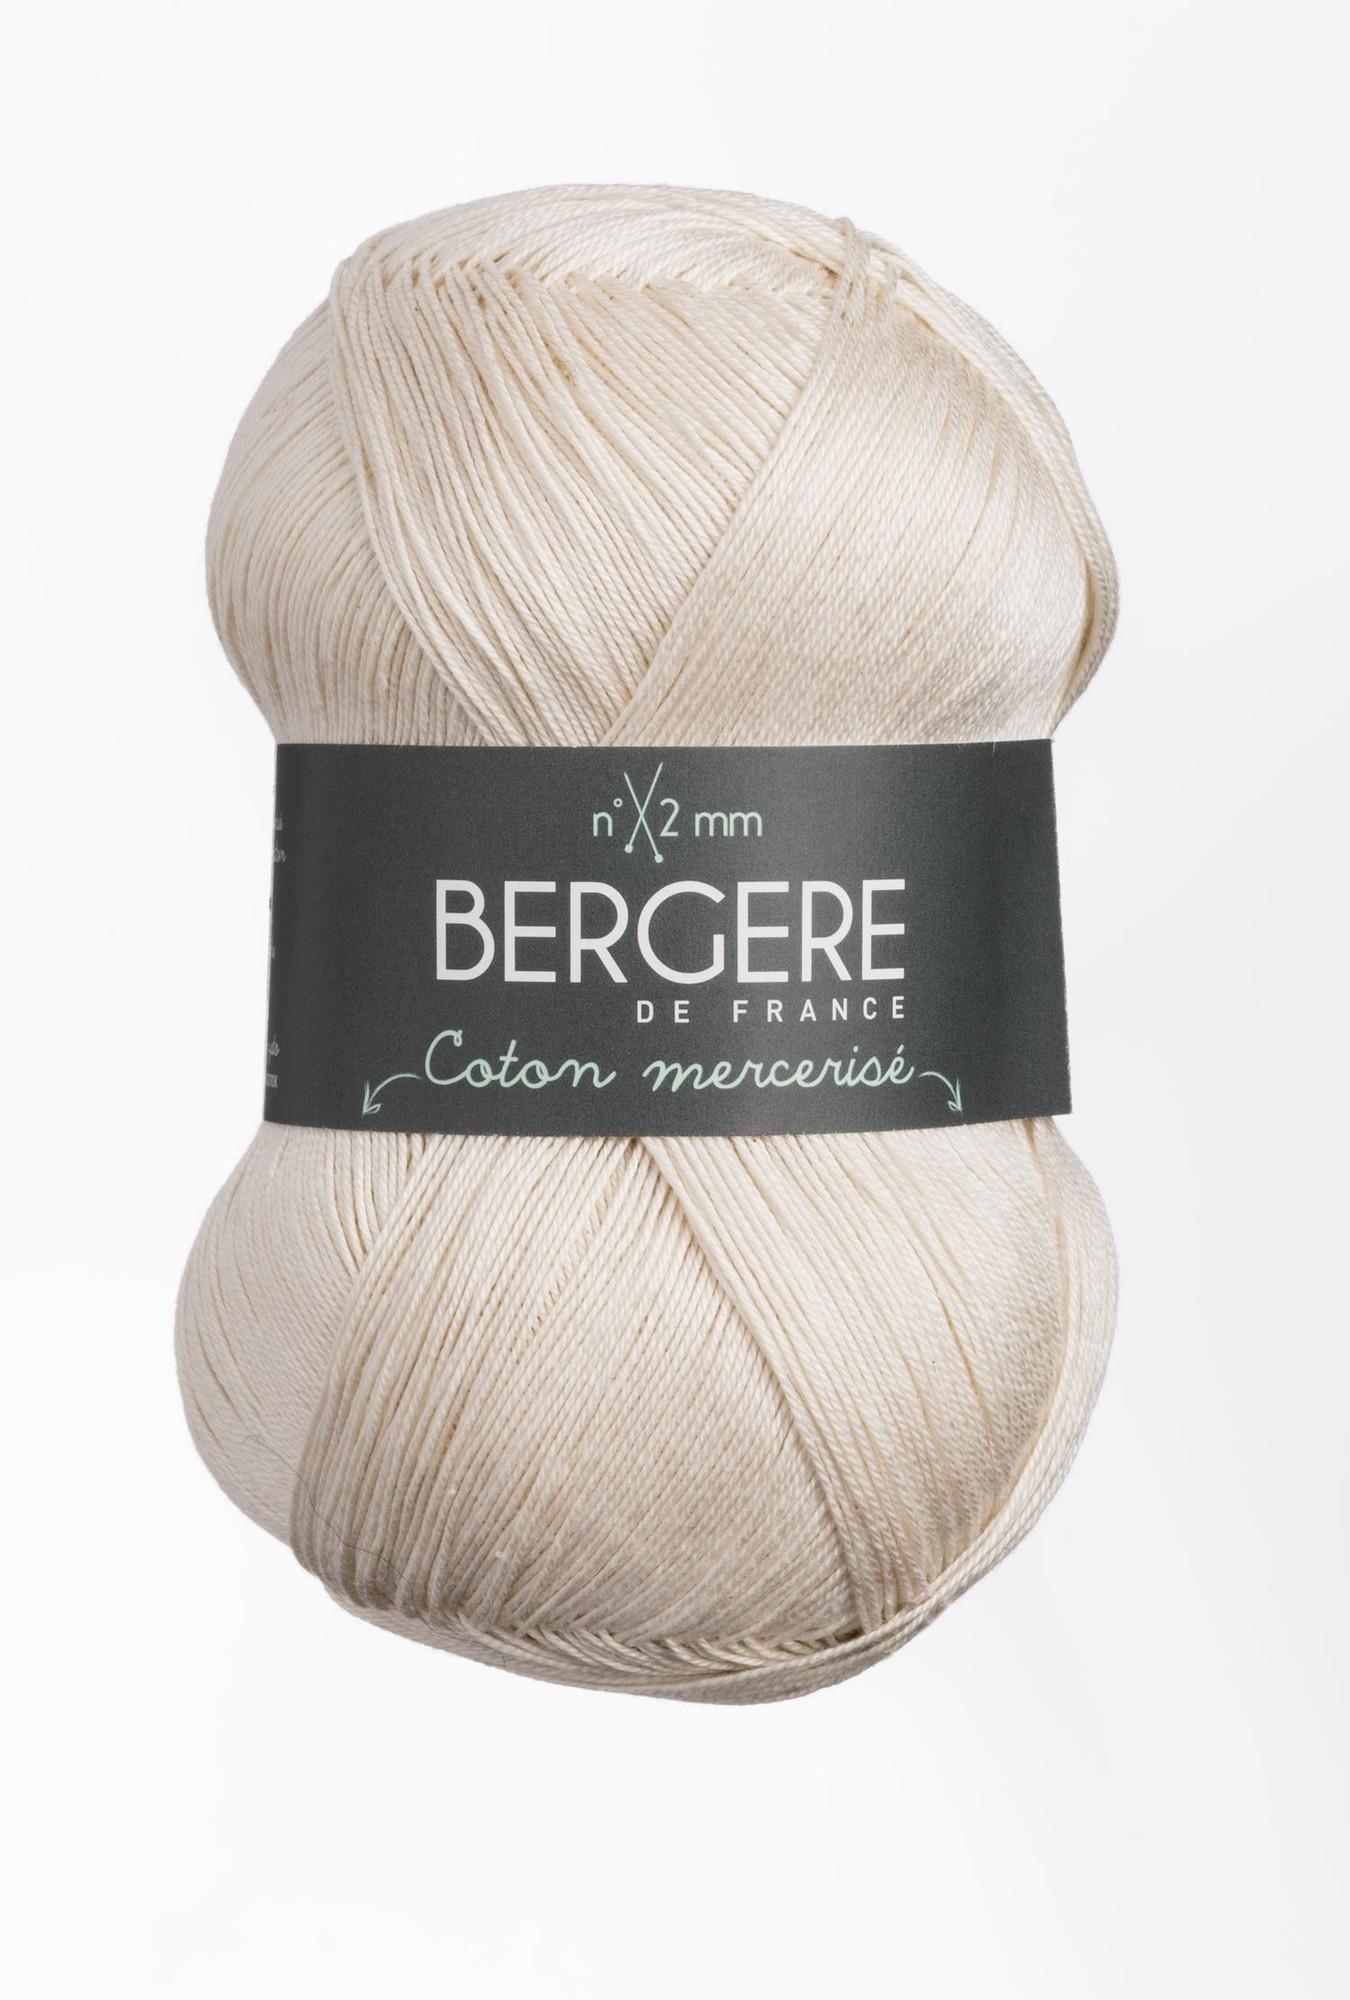 Bergere De France Magazine Creations Aw15 16: Bergere De France Coton A Tricoter 22404 Cygne Op=op